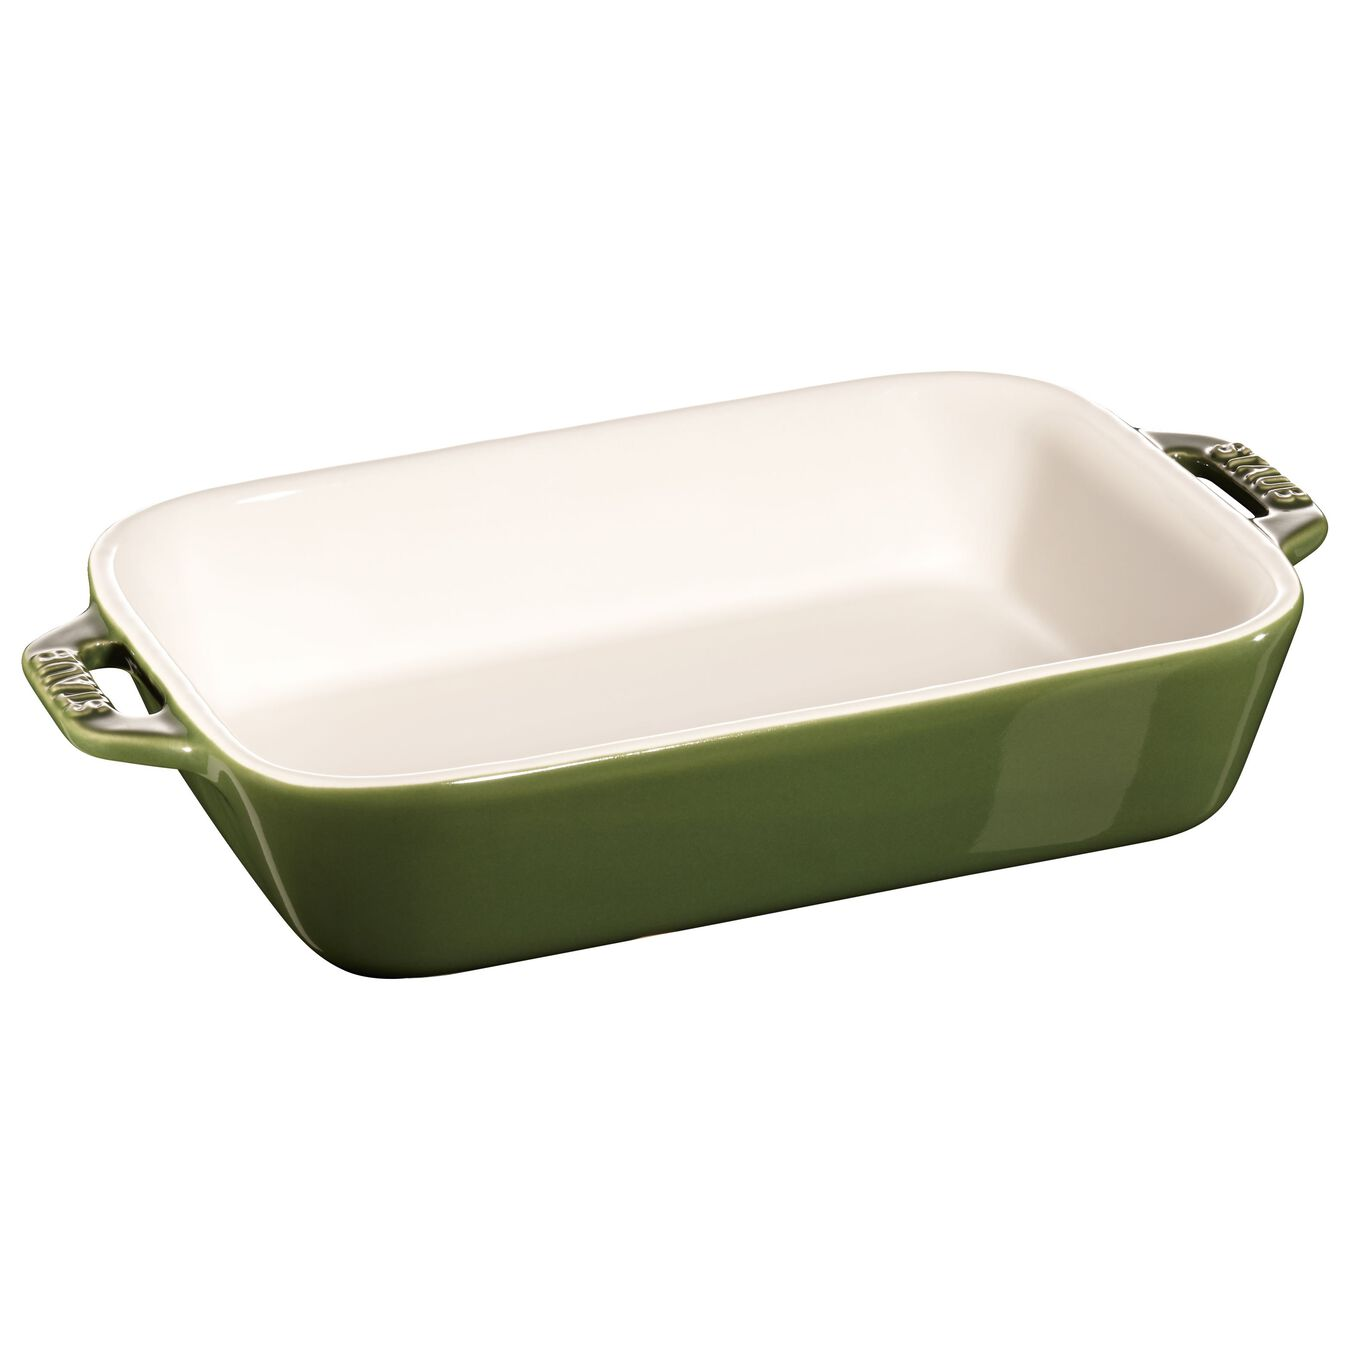 2-pcs rectangular Ensemble plats de cuisson pour le four, Basil-Green,,large 3